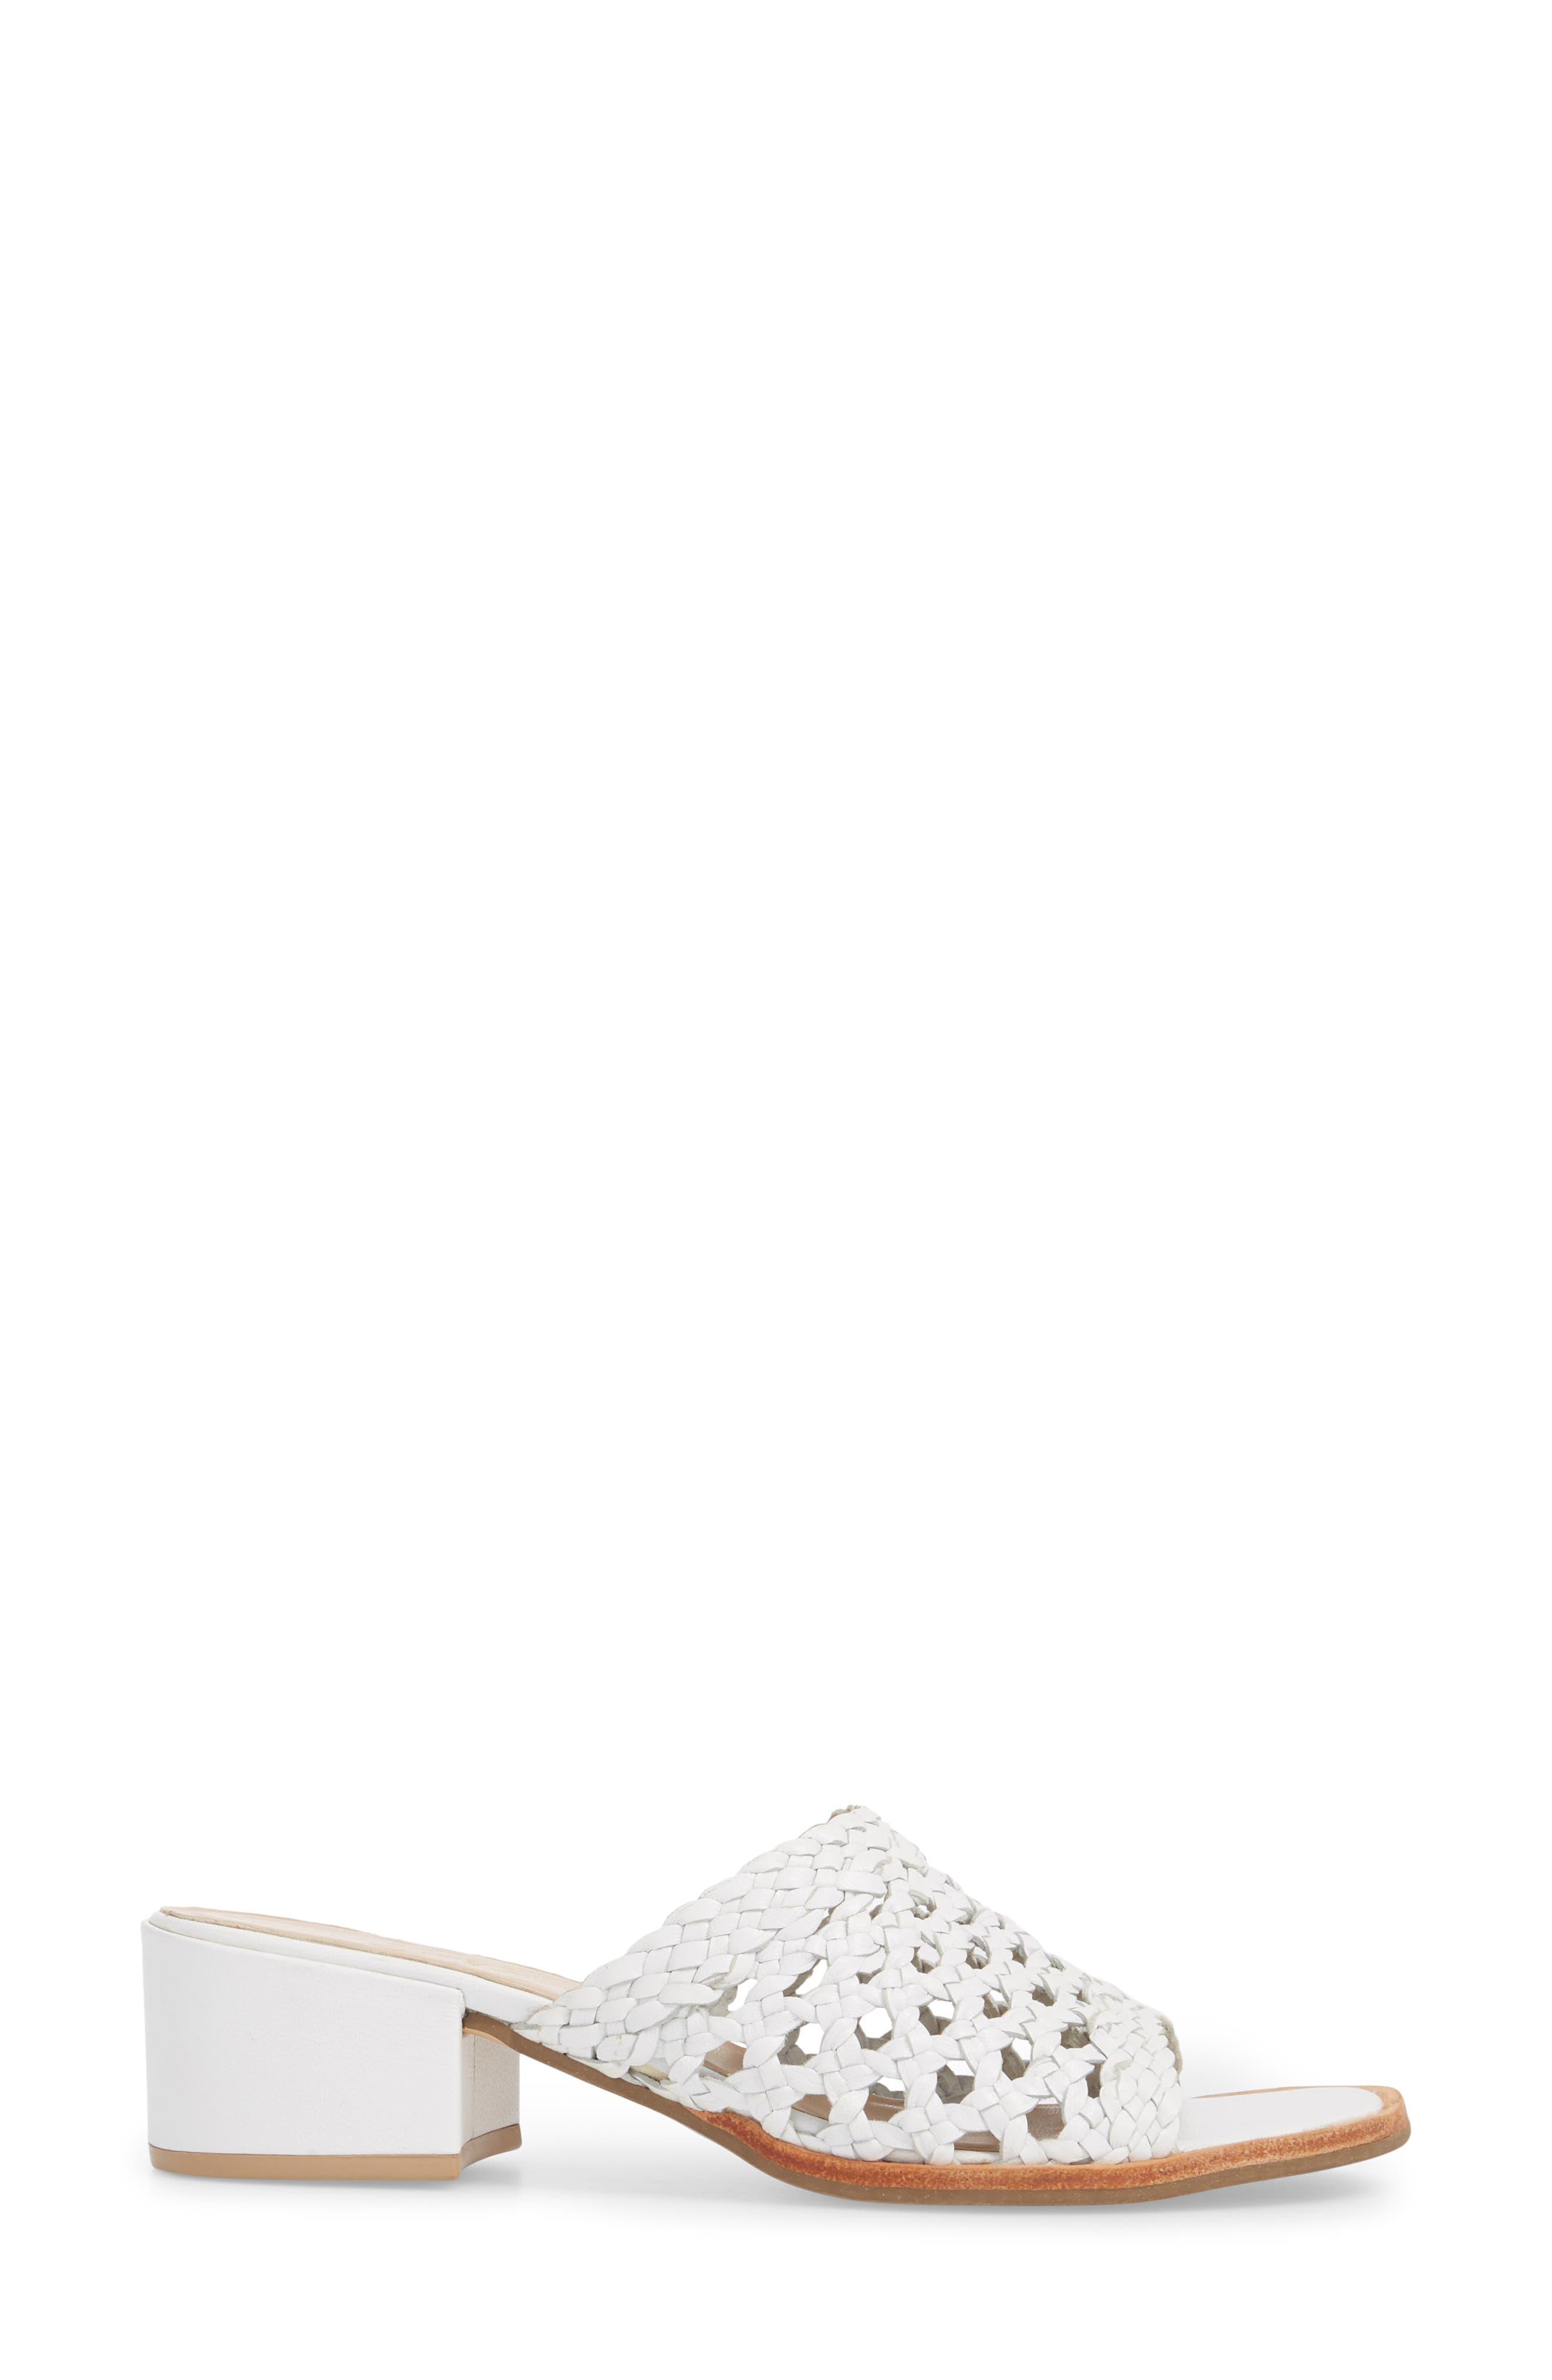 Ditsy Slide Sandal,                             Alternate thumbnail 3, color,                             White Leather